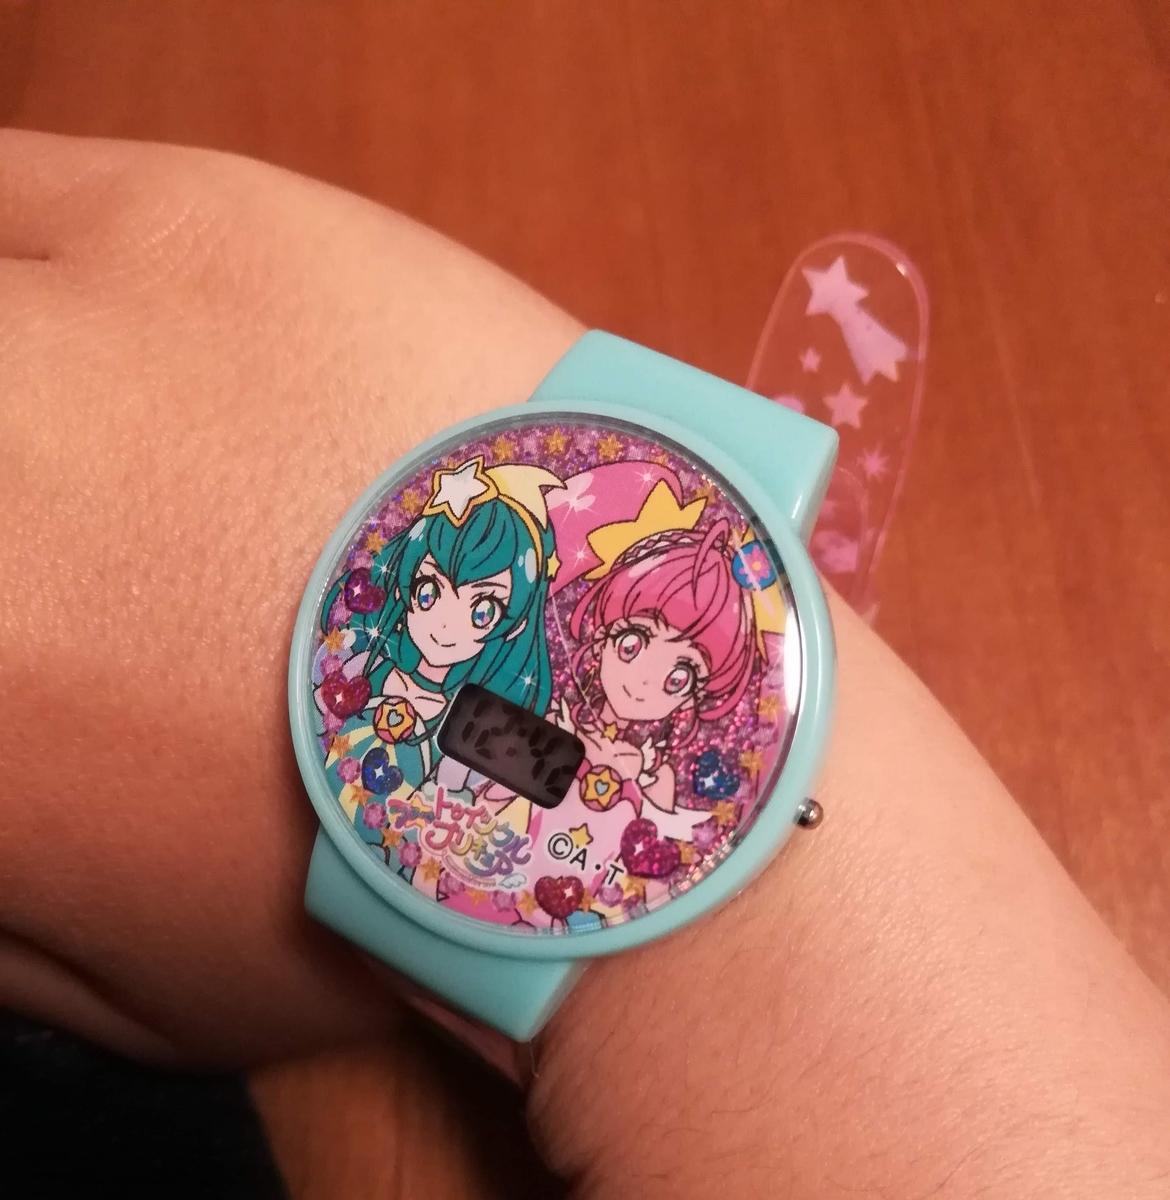 時計の字が小さすぎるわw